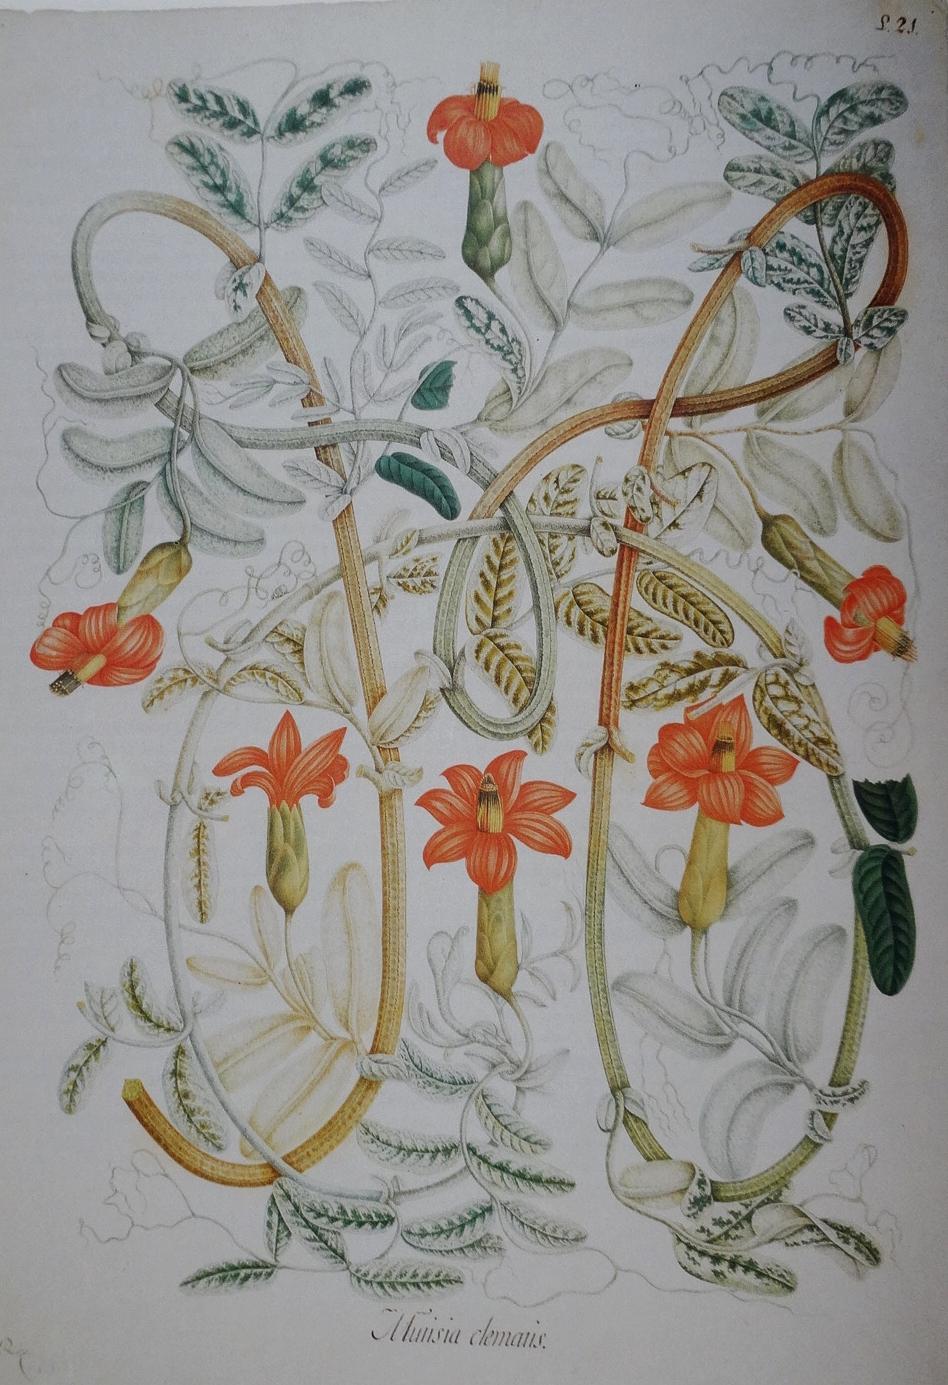 """Mutisia clematis  by Salvador Rizo shown in """"La Real Expedición Botánica del Nuevo Reyno de Granada""""."""